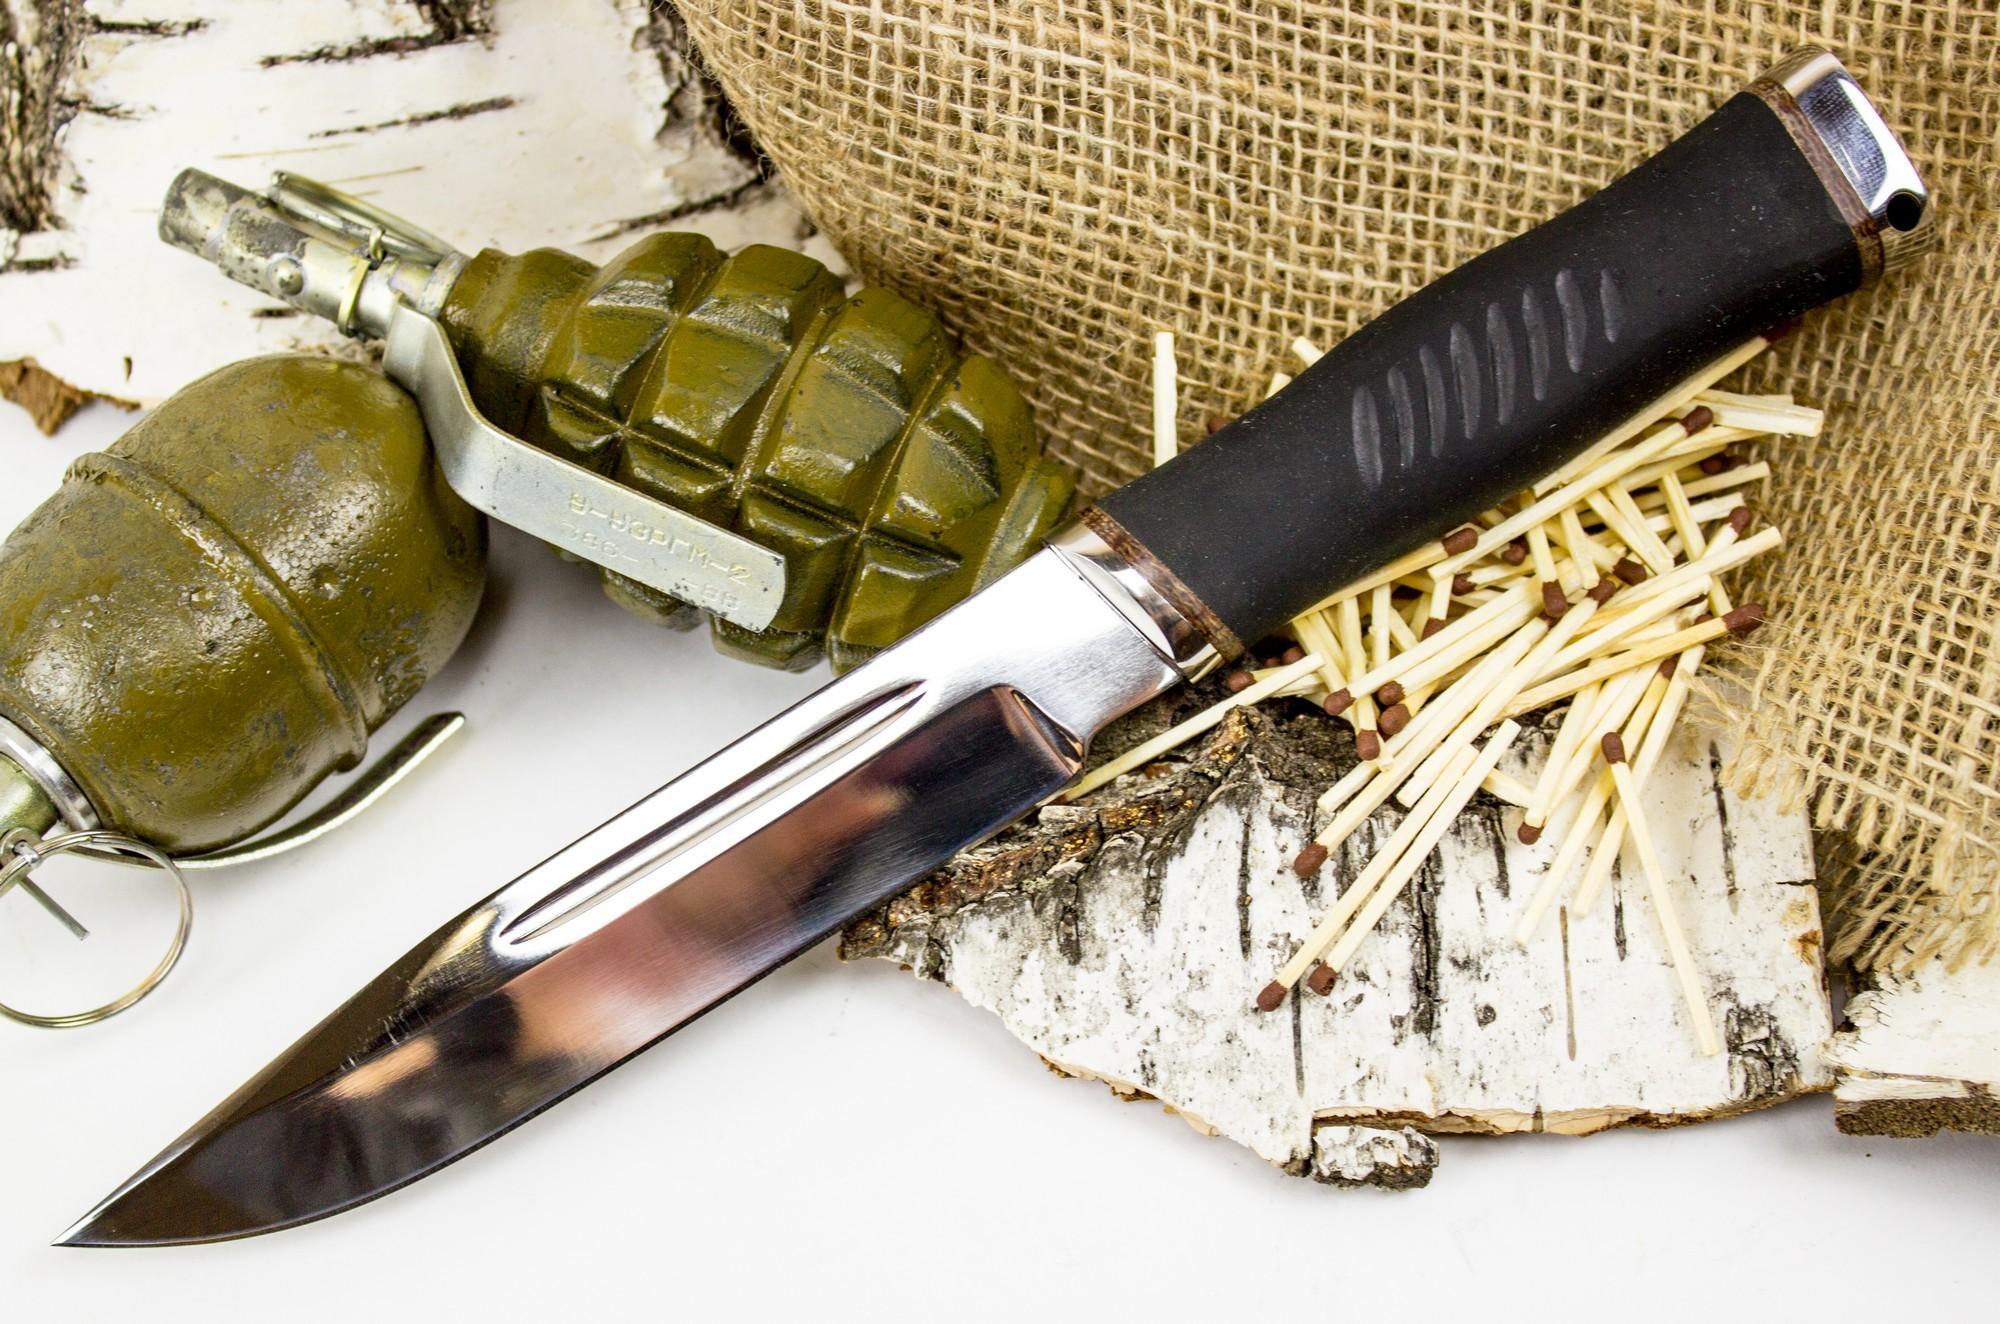 Нож Казак-1, сталь 65х13Ножи разведчика НР, Финки НКВД<br>Нож Казак -1 отличный вариант ножа для бушкрафта и выживания. Толщина обуха у этого ножа составляет 4,5 миллиметров. При наличии острого кончика, нож способен пробить капот автомобиля или большую монету. У ножа отсутствует гарда, но обрезиненная рукоять уверенно фиксируется рукой, не давая пальцам соскользнуть на клинок. К тому же, при нанесении сильных рубящих ударов, такая рукоятка частично гасит удары. Нож обладает агрессивным и брутальным внешним видом. Для транспортировки и хранения используются кожаные ножны. При активной работе, рекомендуется использовать темляк.<br>